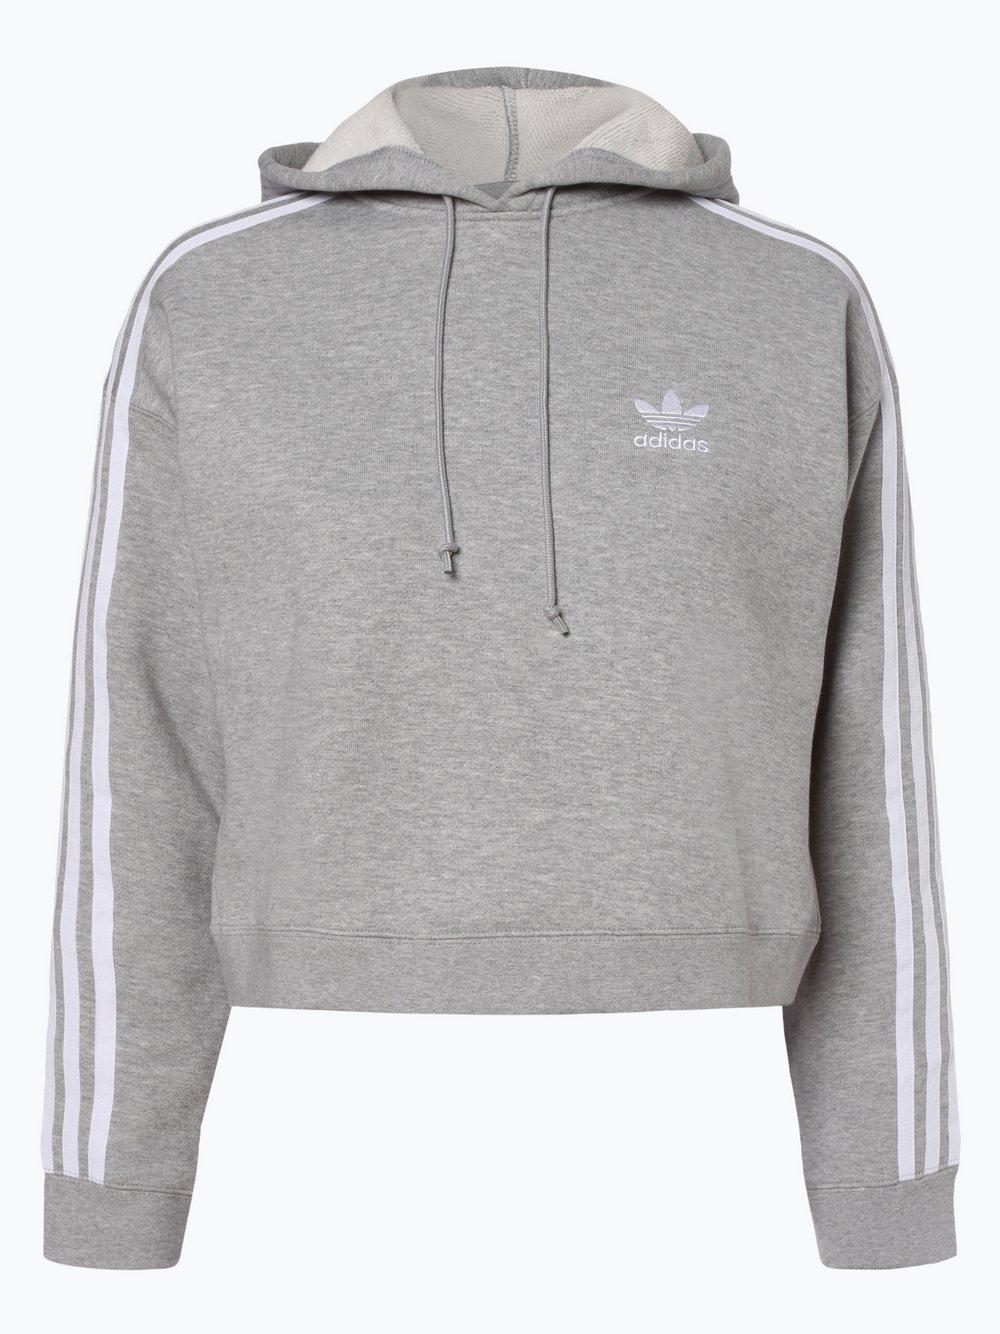 adidas Originals Damen Sweatshirt online kaufen | PEEK UND